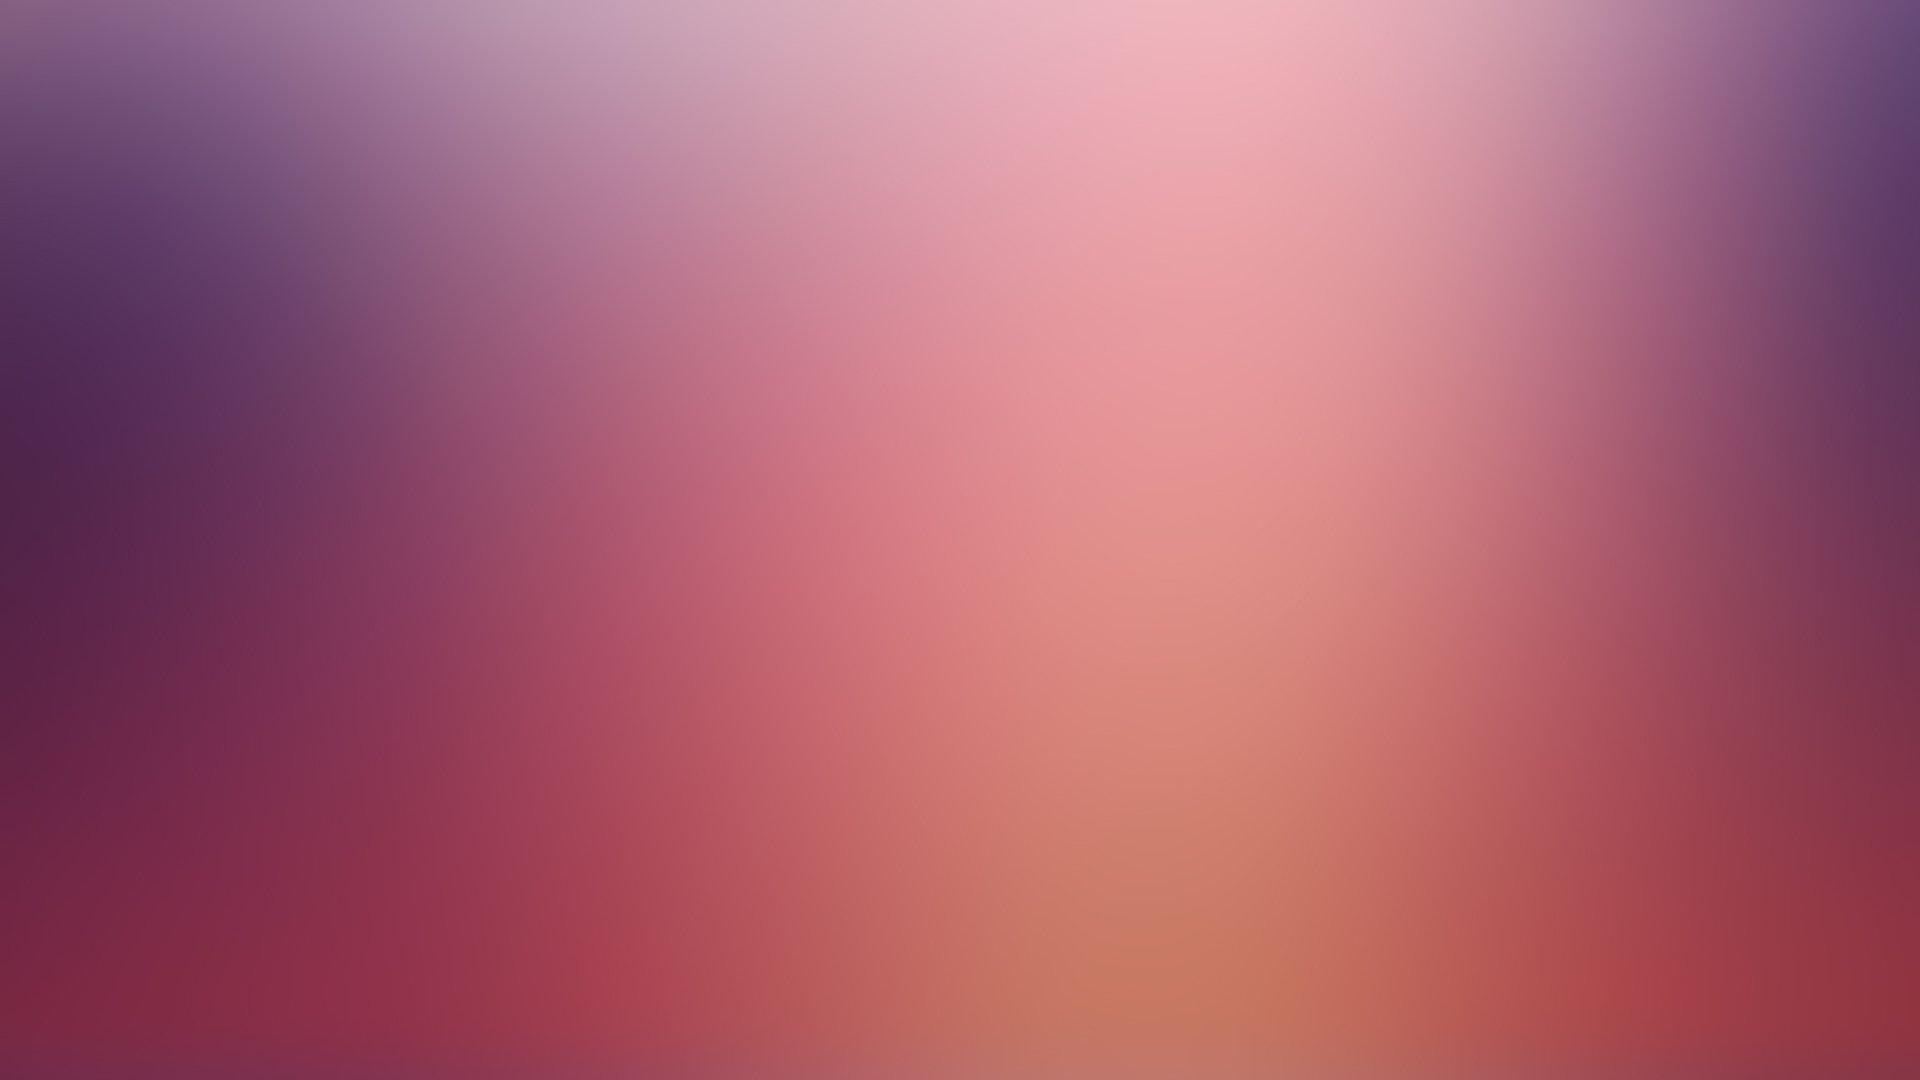 pink-bg